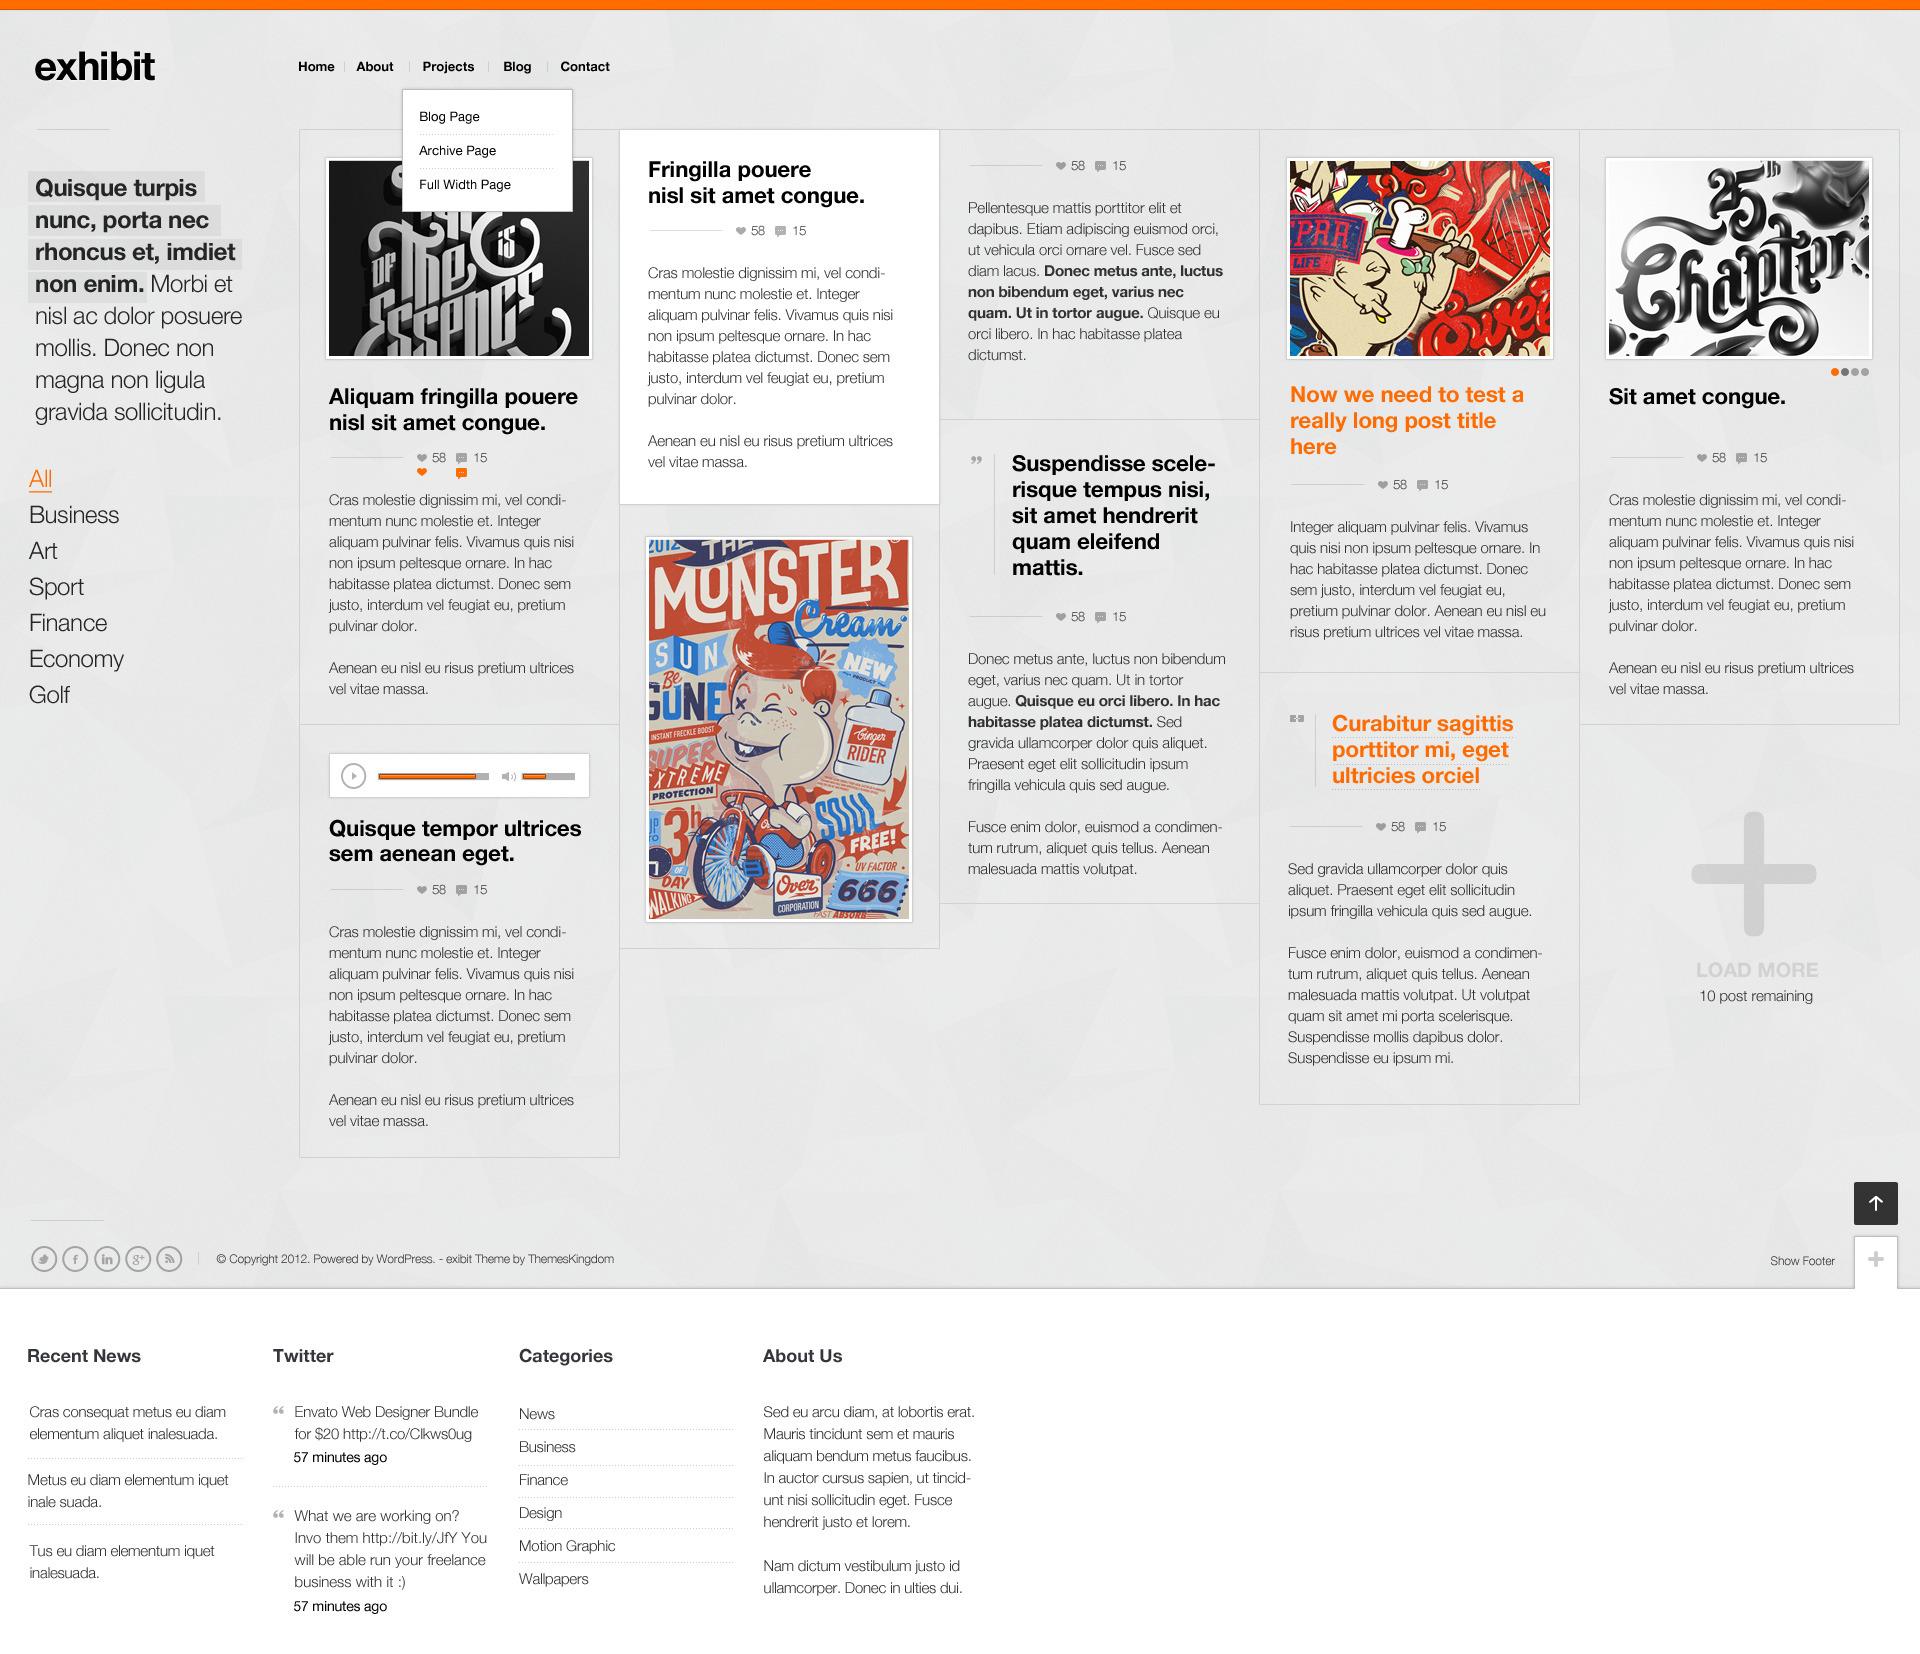 Exhibit - Responsive WordPress Theme